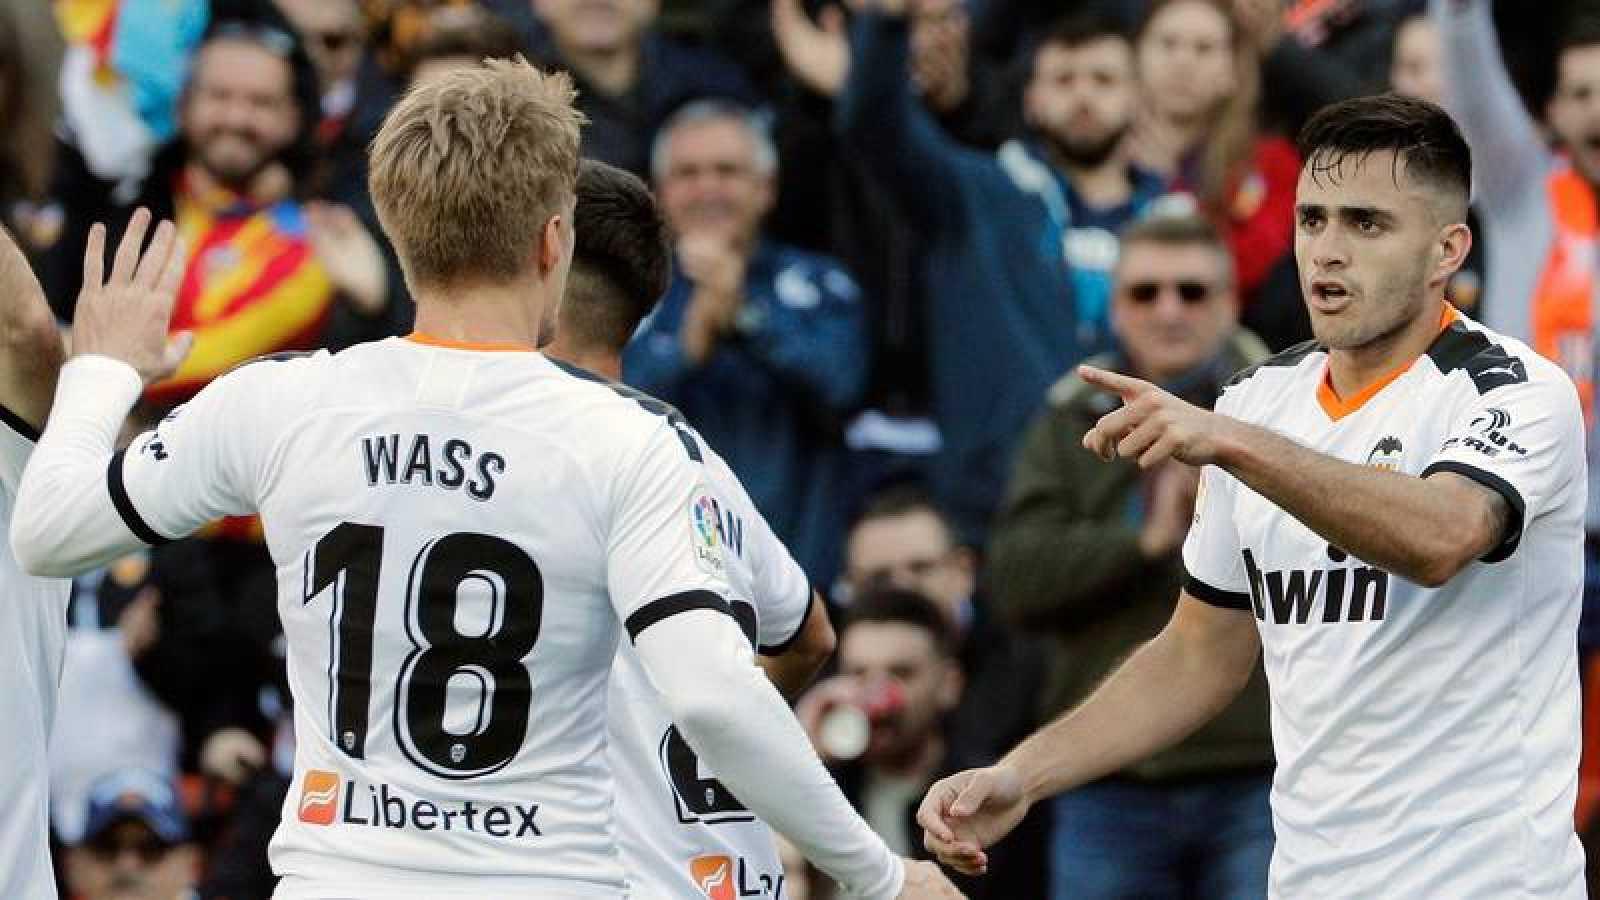 Los jugadores del Valencia Maxi Gómez y Daniel Wass celebran el tanto del uruguayo ante el Eibar en Mestalla.